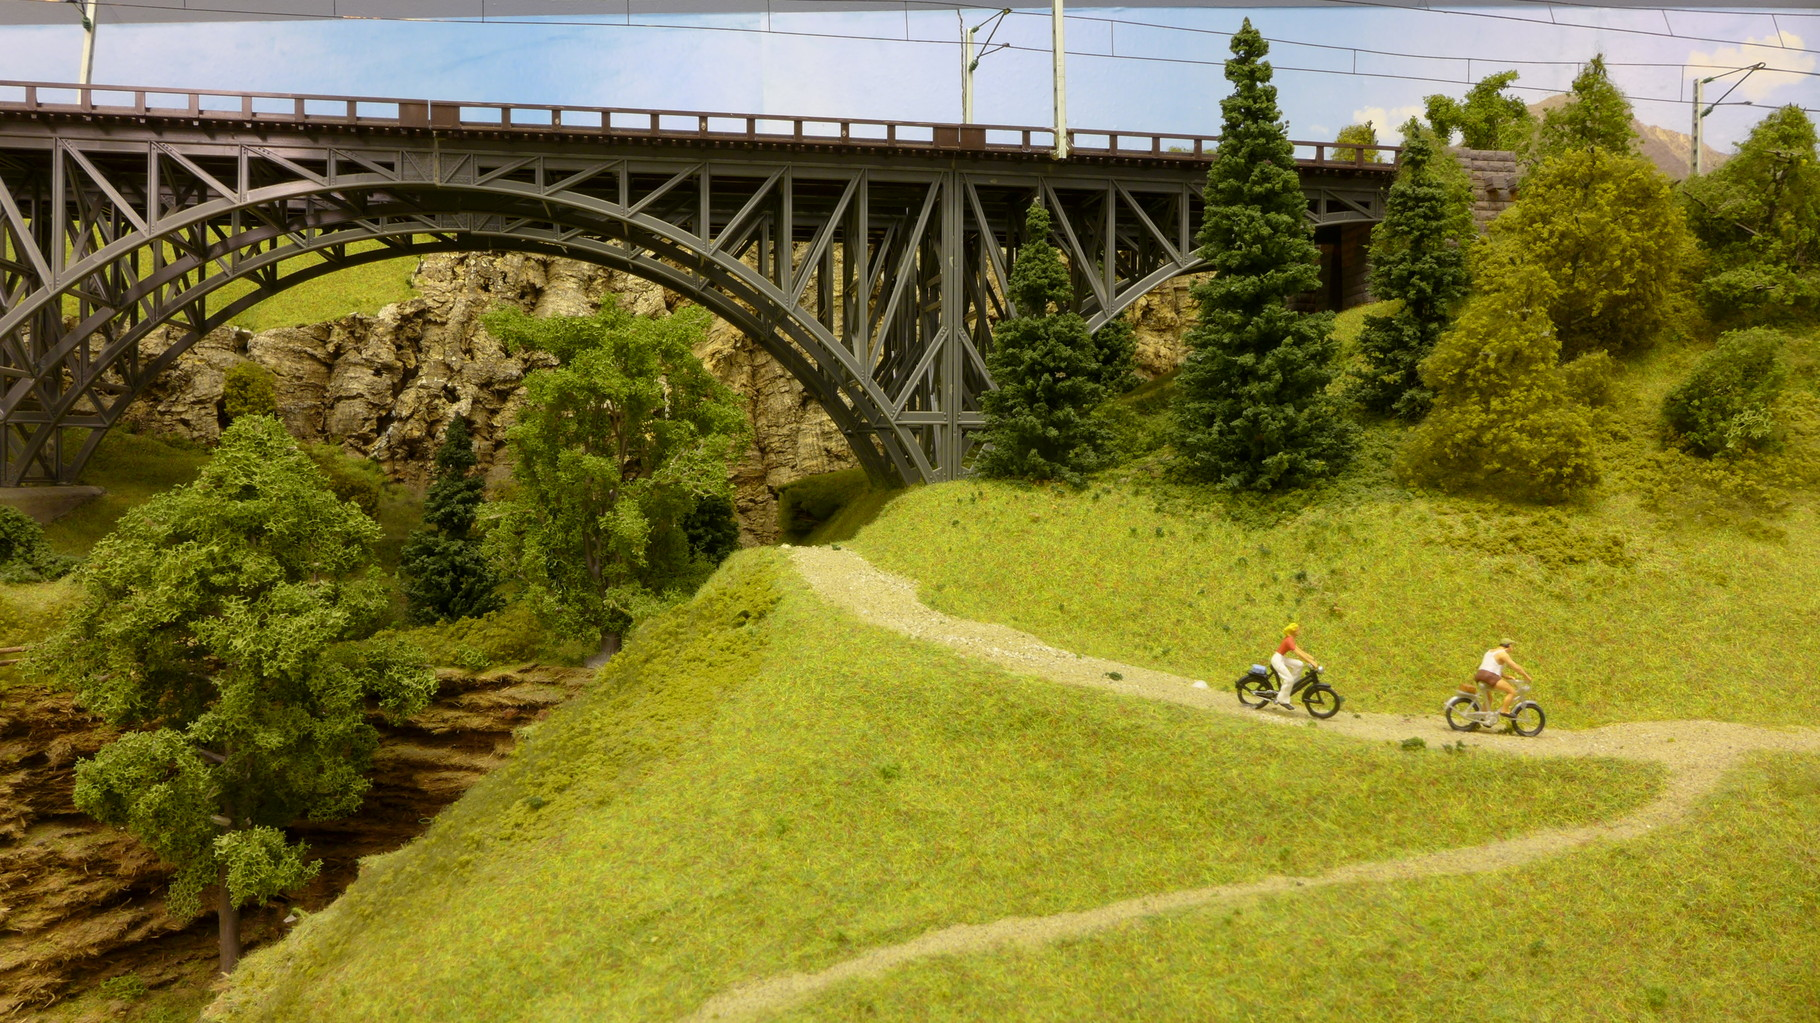 Gerhards Moba, ein Paradies für Radl-Touren